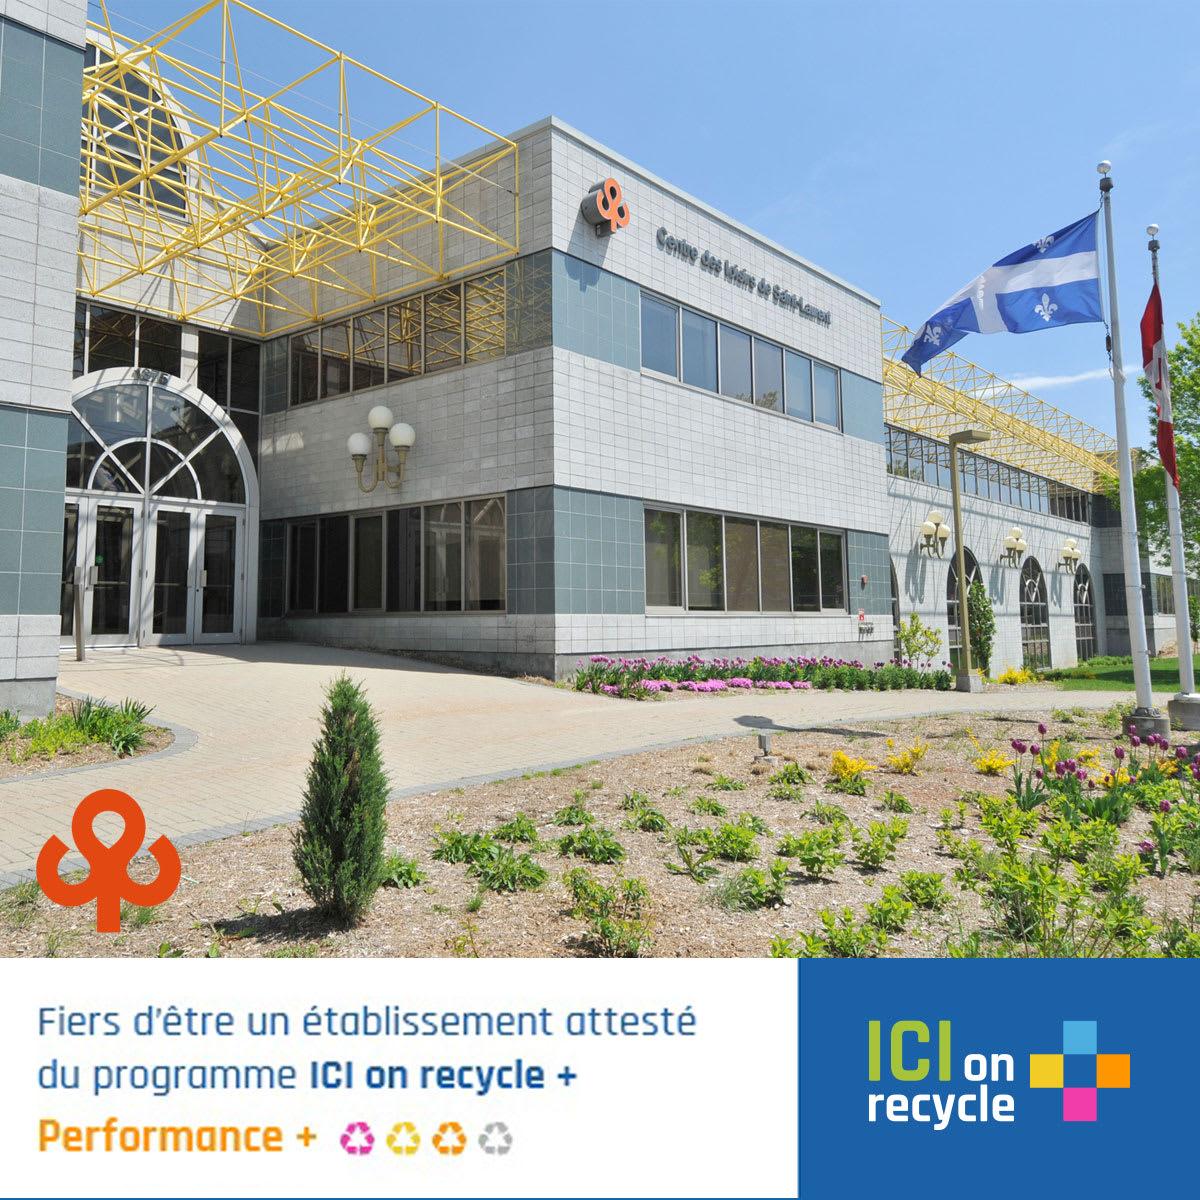 Centre des loisirs - Certification Performance +